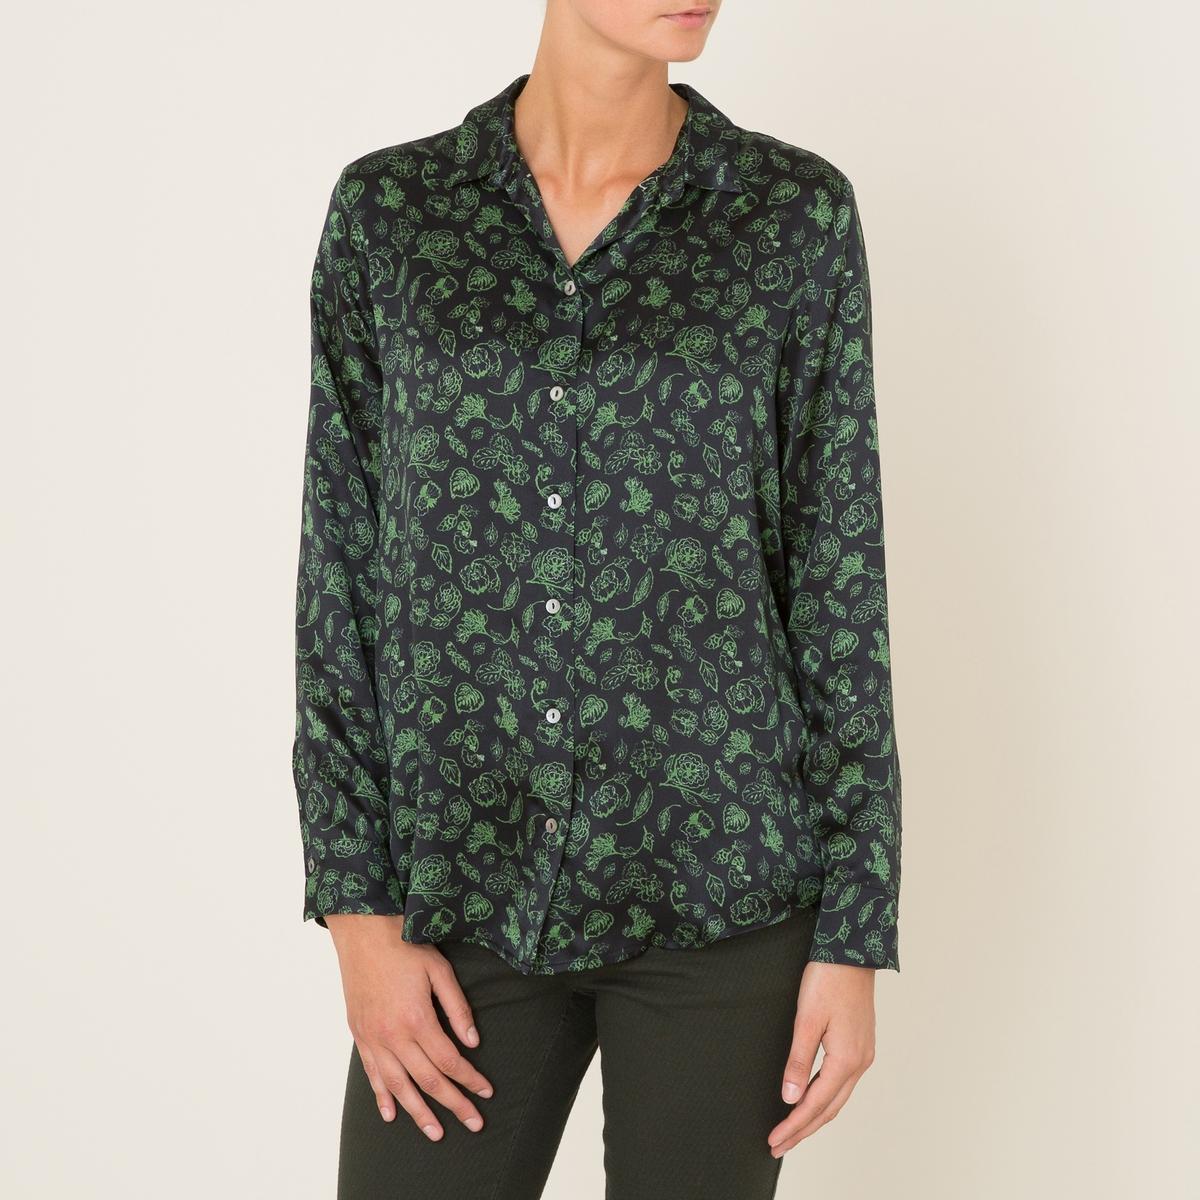 Рубашка CABIRIРубашка MOMONI - модель CABIRI . Сплошной принт. Рубашечный воротник. Застежка на пуговицы спереди. Закругленный низ, более длинная спинка.Состав и описание Материал : 100% шелка.Марка : MOMONI<br><br>Цвет: черный